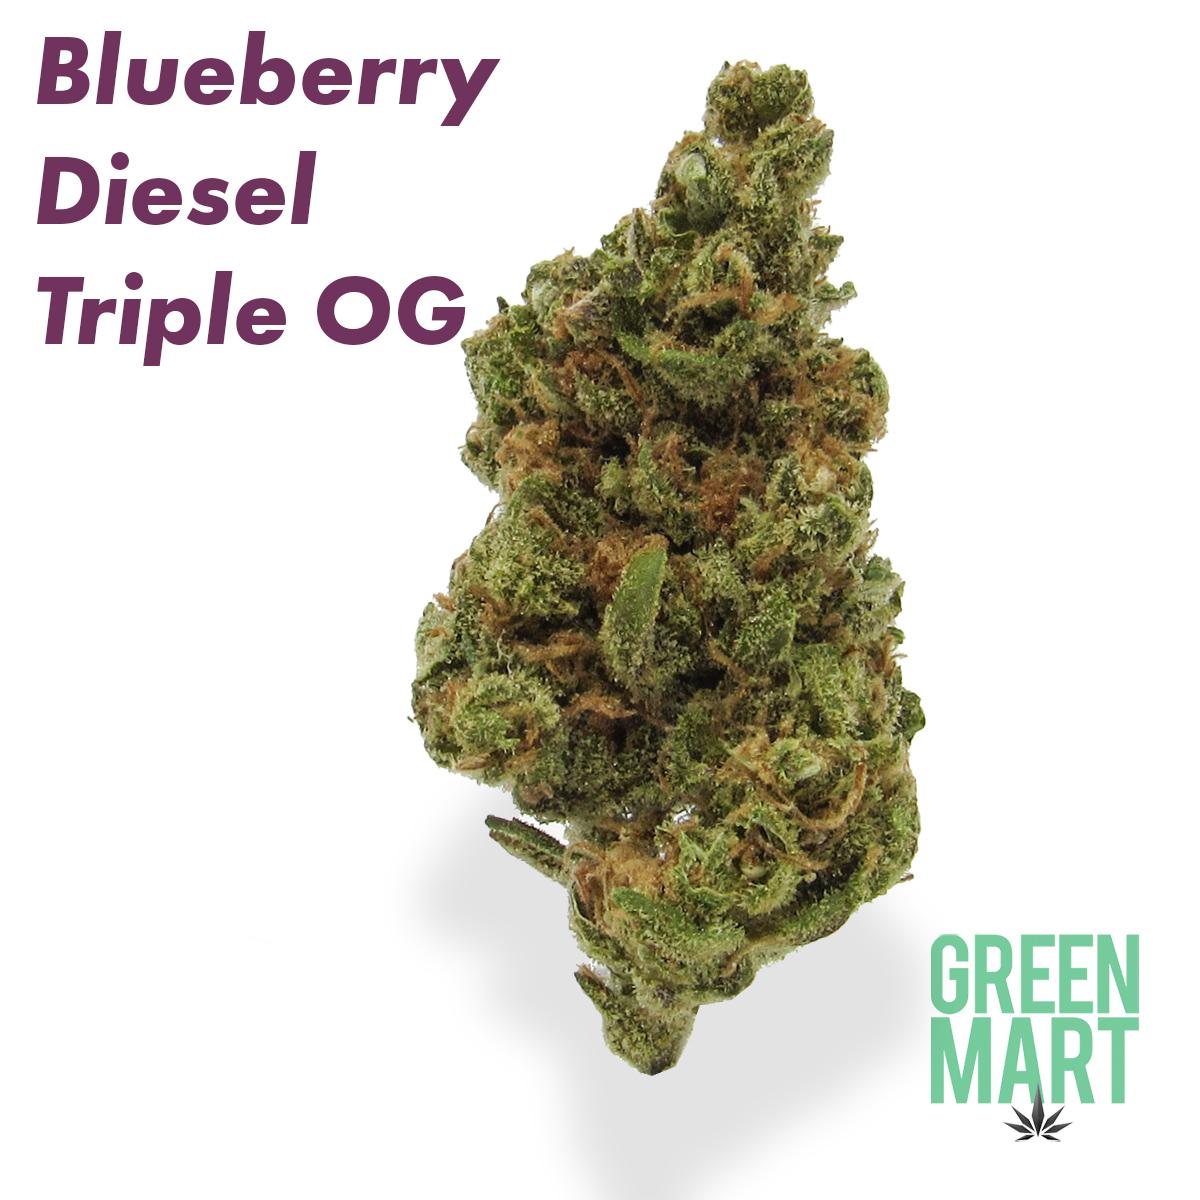 Blueberry Diesel Triple OG